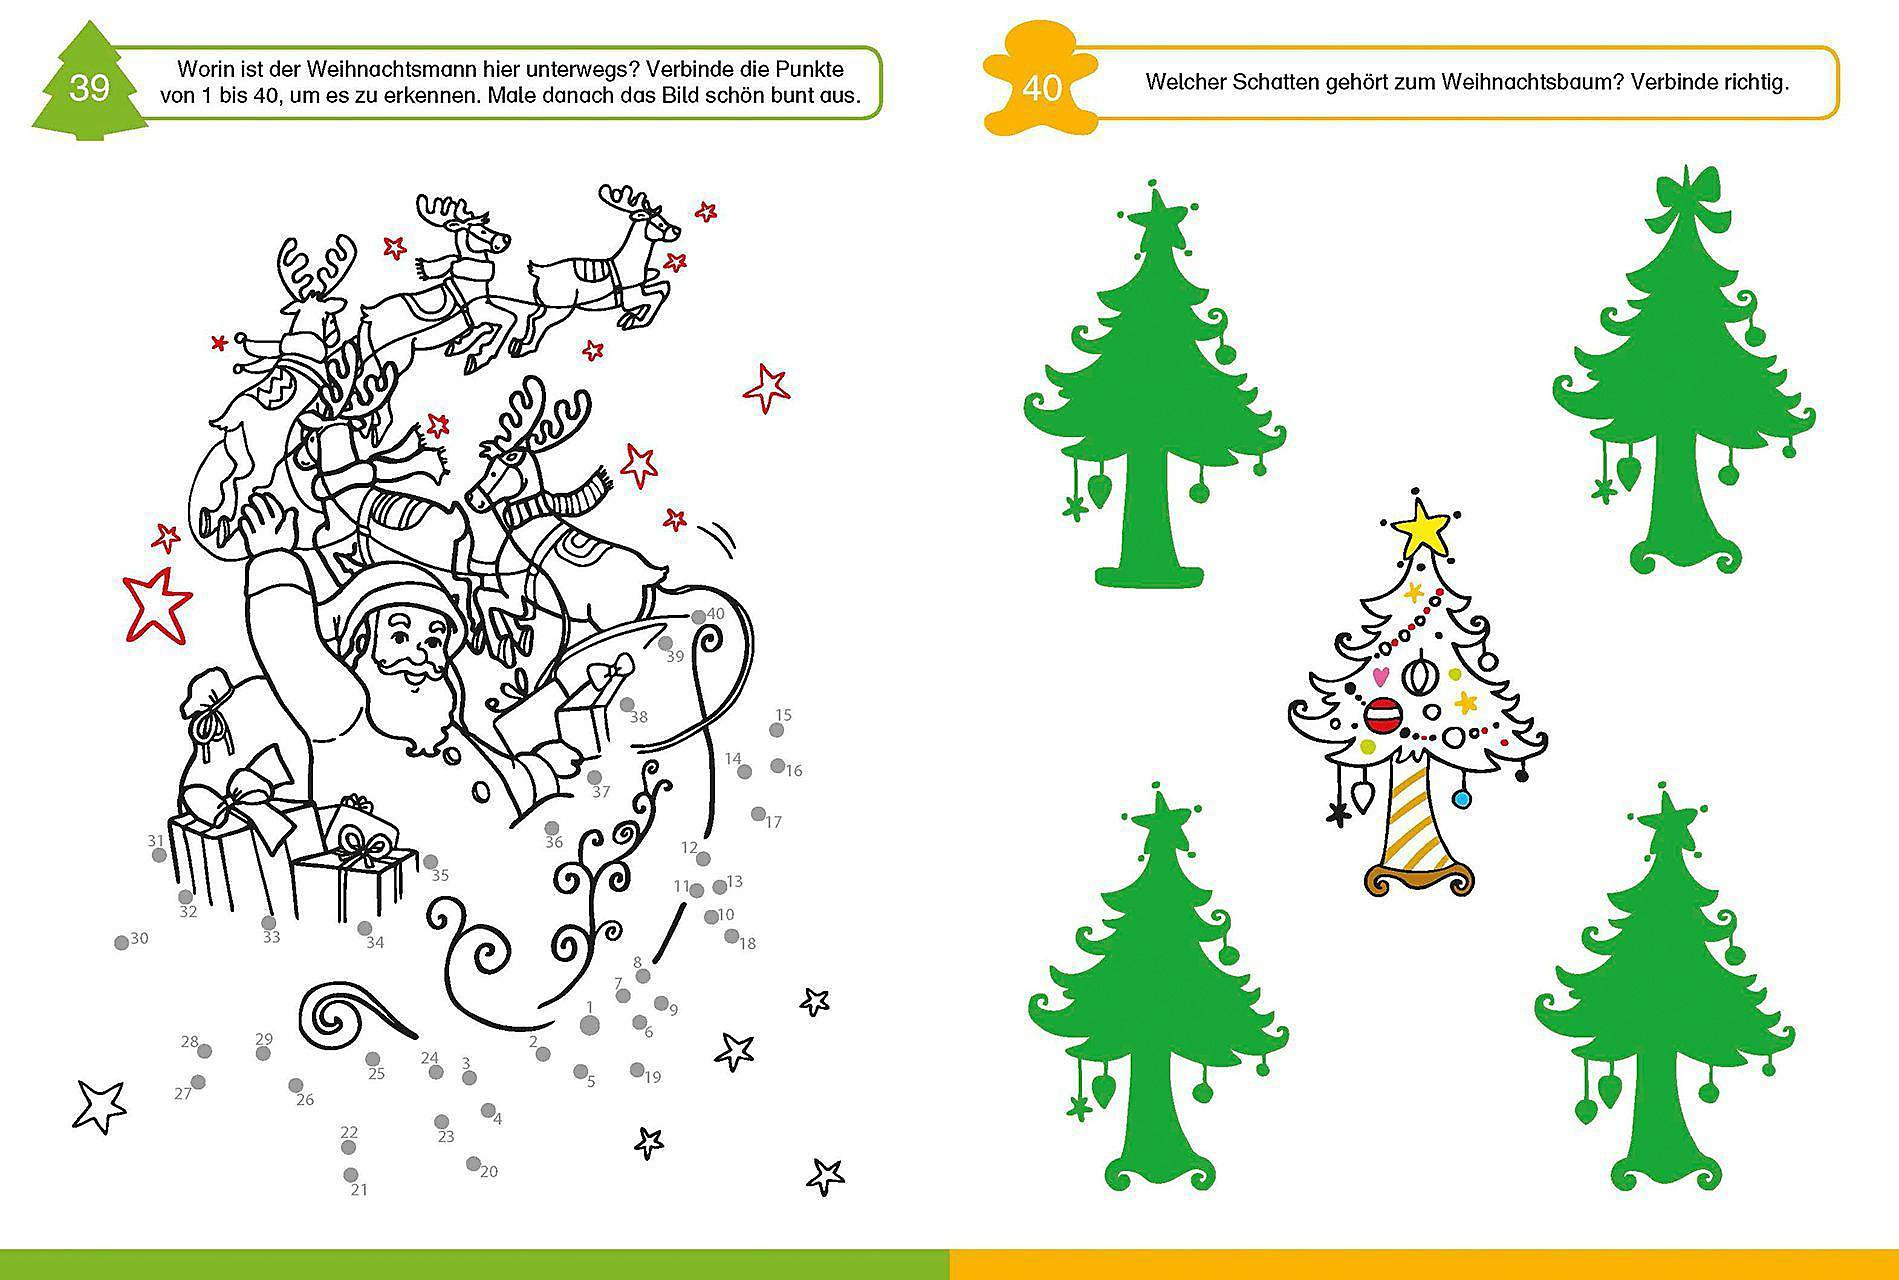 Rätsel Weihnachten Erwachsene.100 Gute Laune Rätsel Weihnachten Buch Bestellen Weltbild De